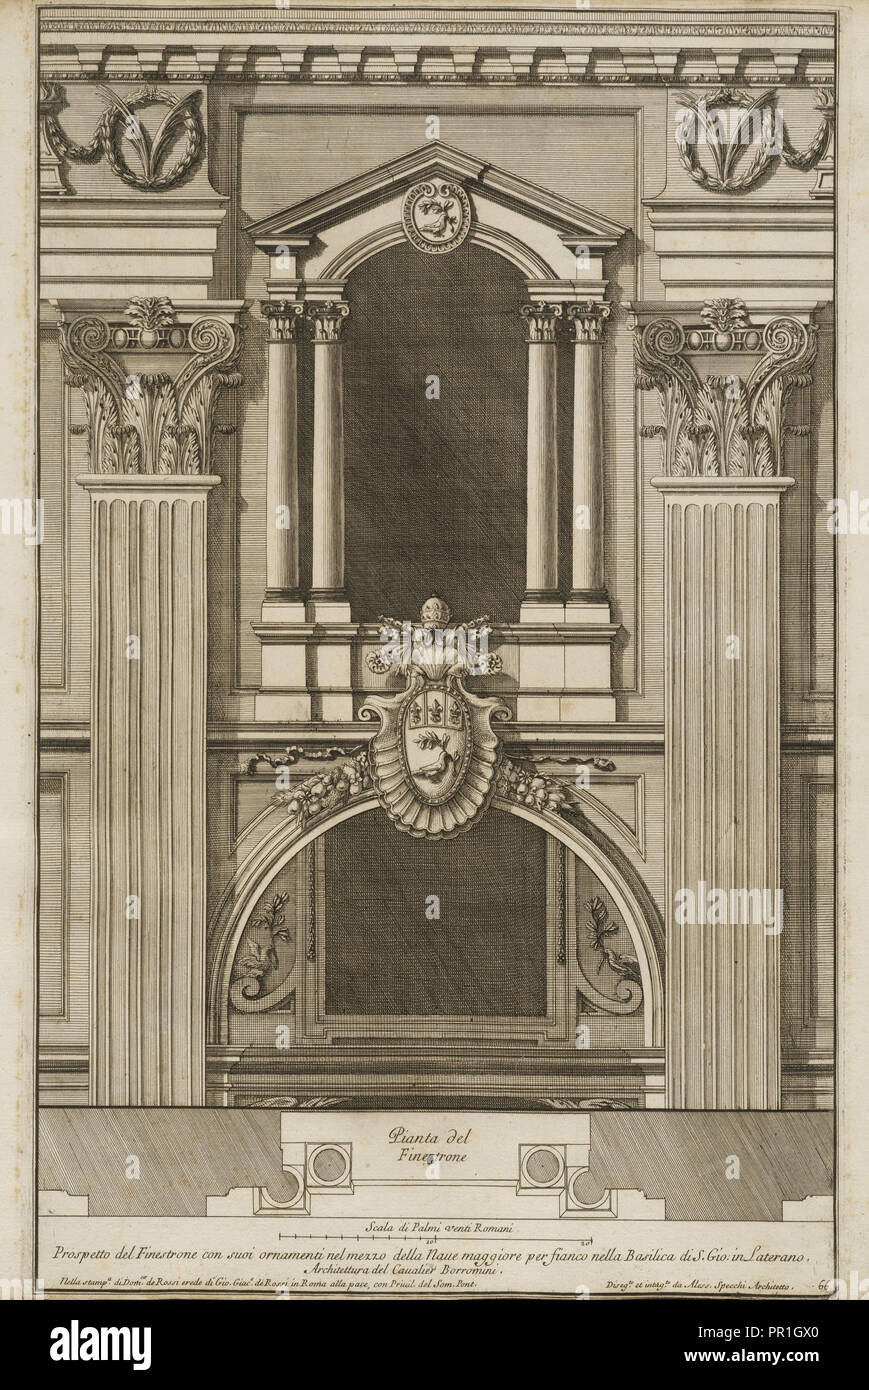 Prospetto del finestrone con suoi ornamenti nel mezzo della naue maggiore per fianco nella Basilica di S. Gio. in Laterano - Stock Image